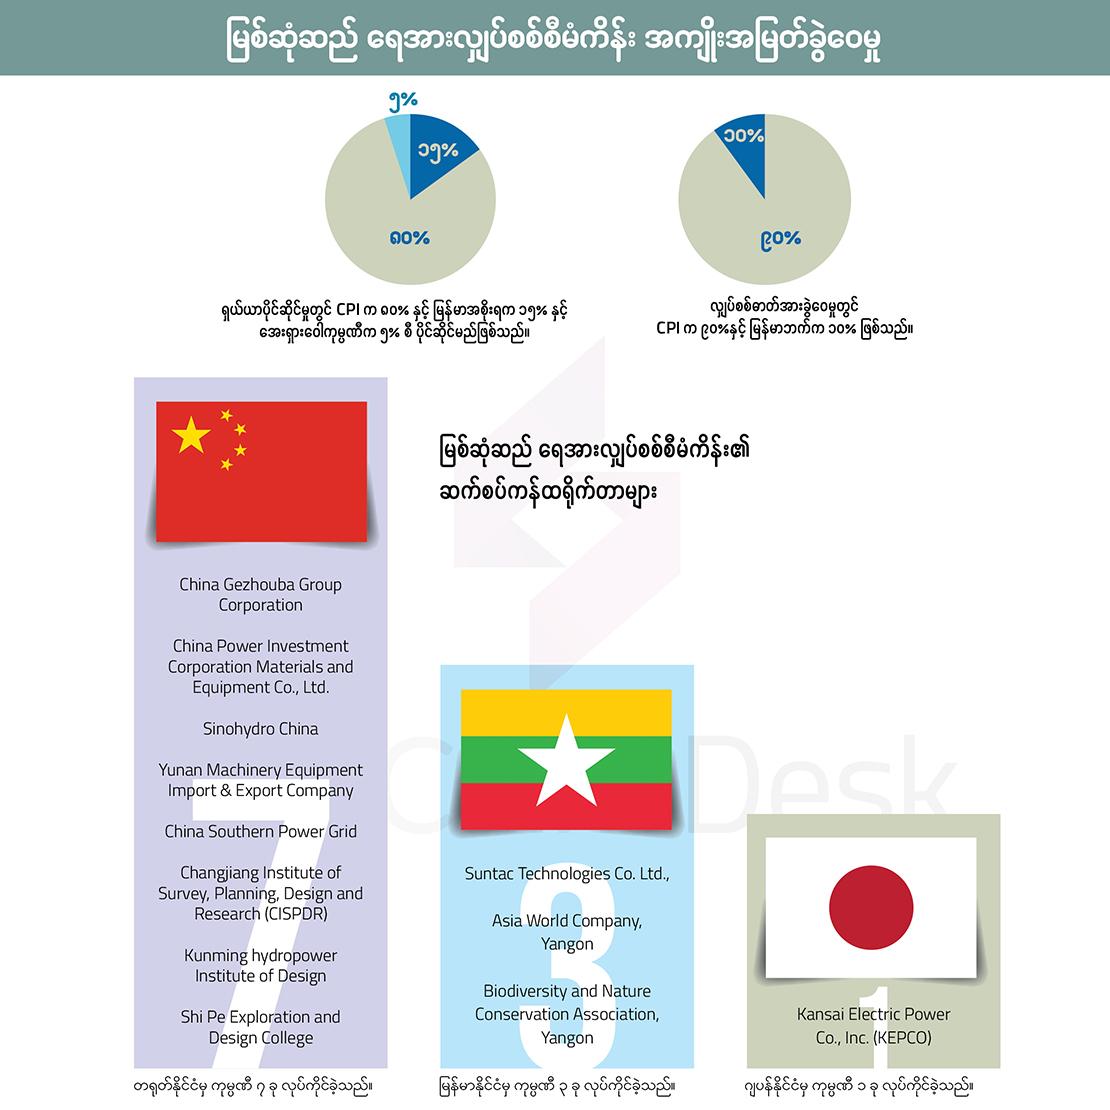 မြစ်ဆုံဆည် ရေအားလျှပ်စစ်စီမံကိန်း အကျိုးအမြတ်ခွဲဝေမှု